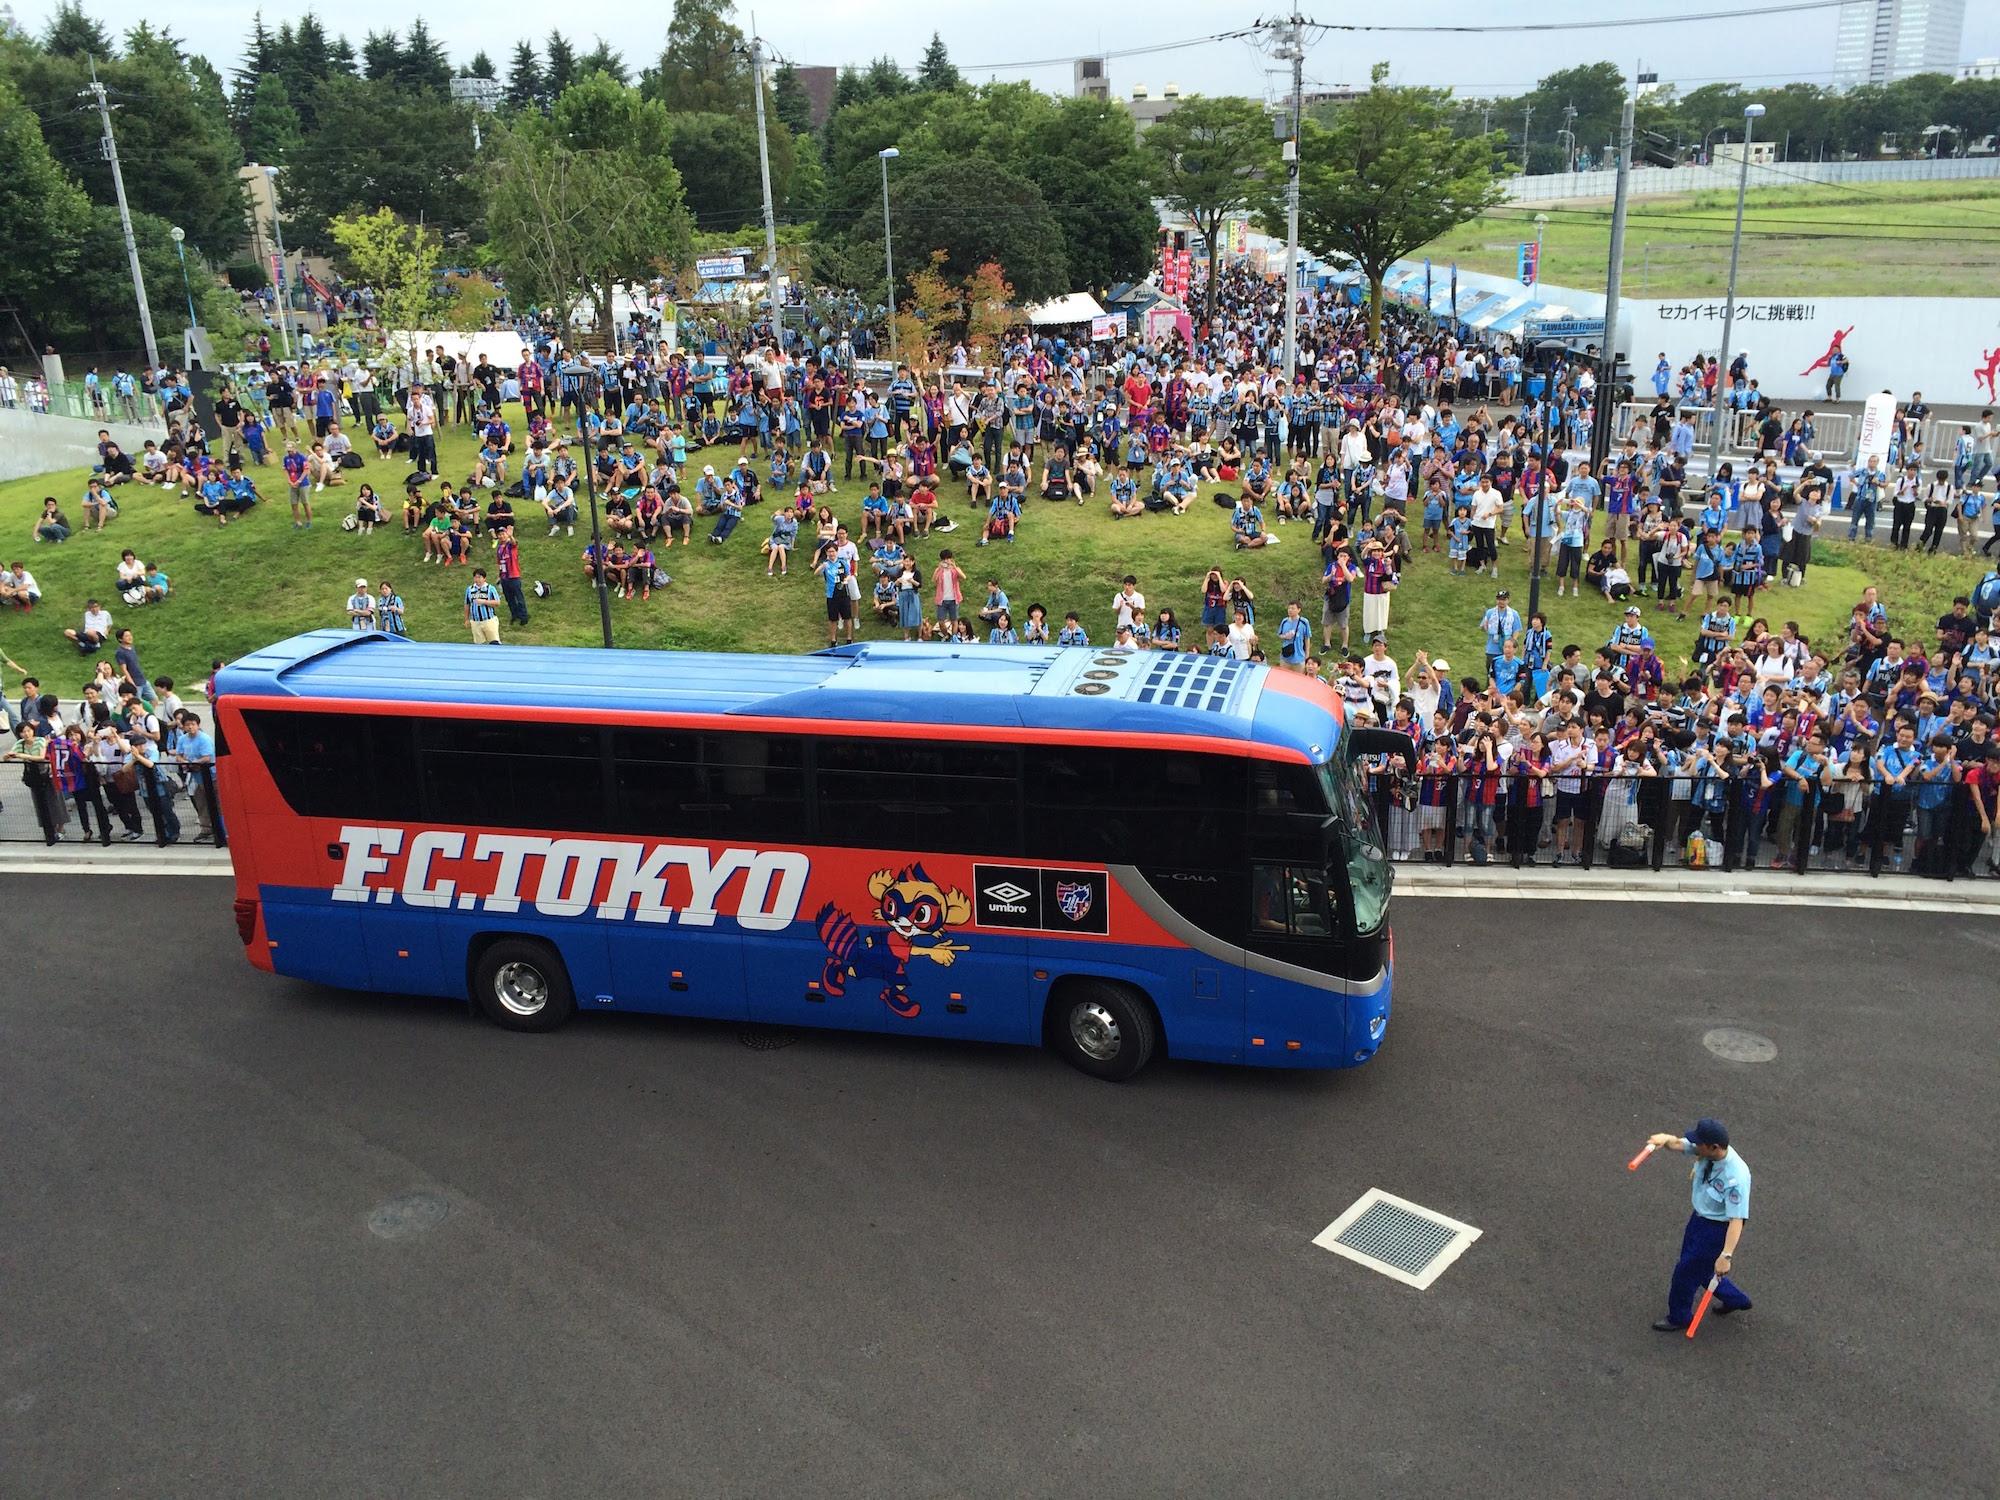 FC東京の選手バス